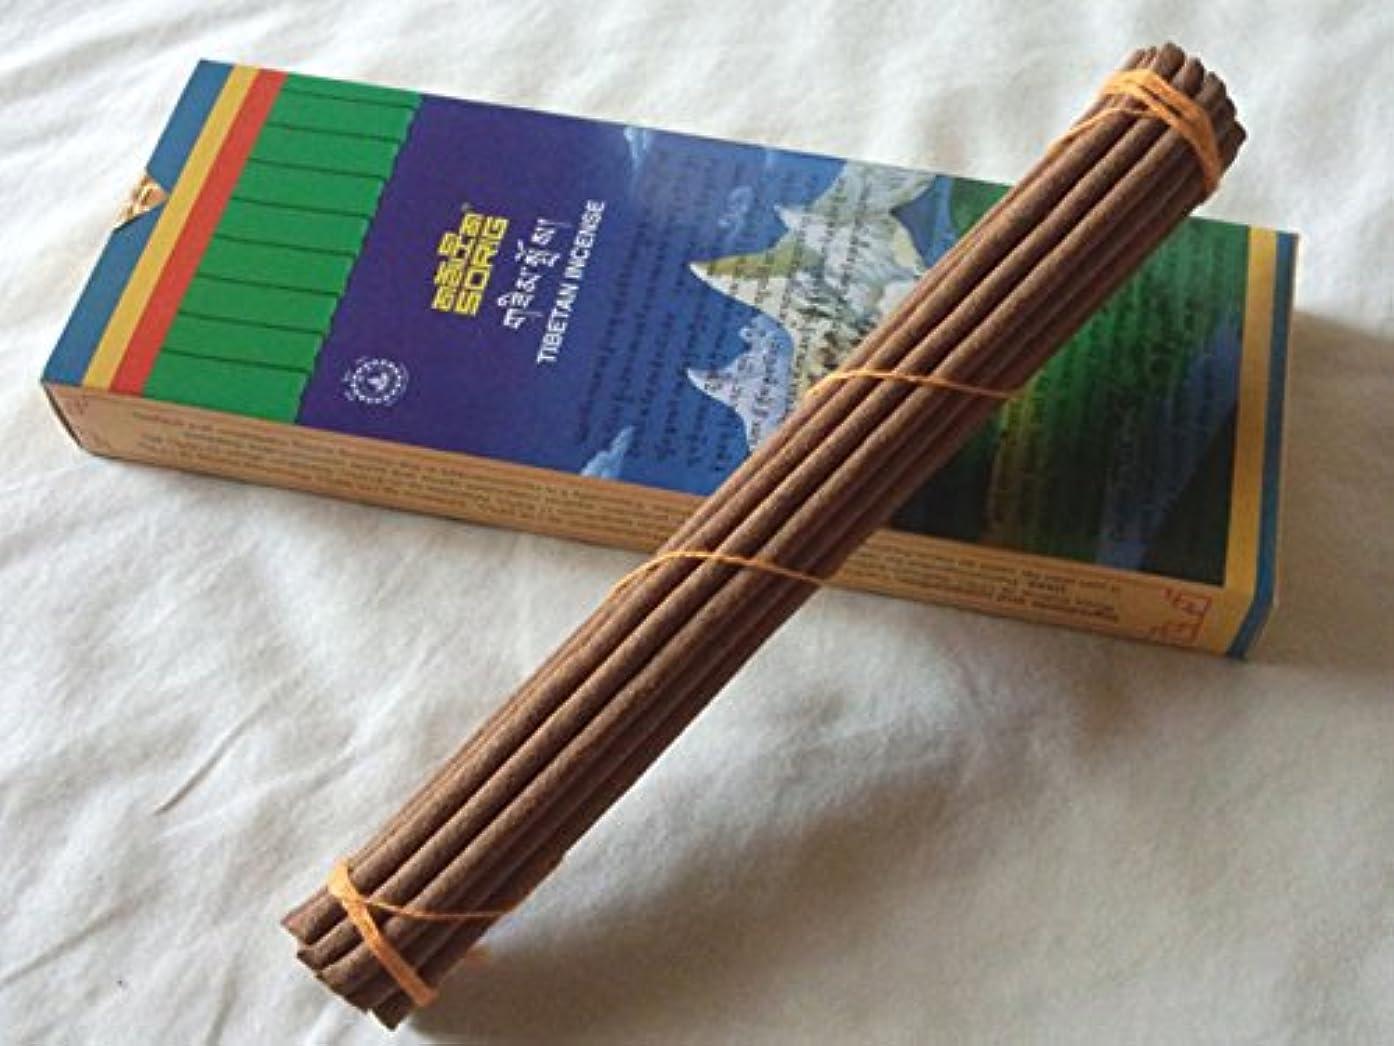 生活聞くランダムMen-Tsee-Khang/メンツィカンのお香-お徳用トリプル SORIG Tibetan Incense big 約20本入×3束